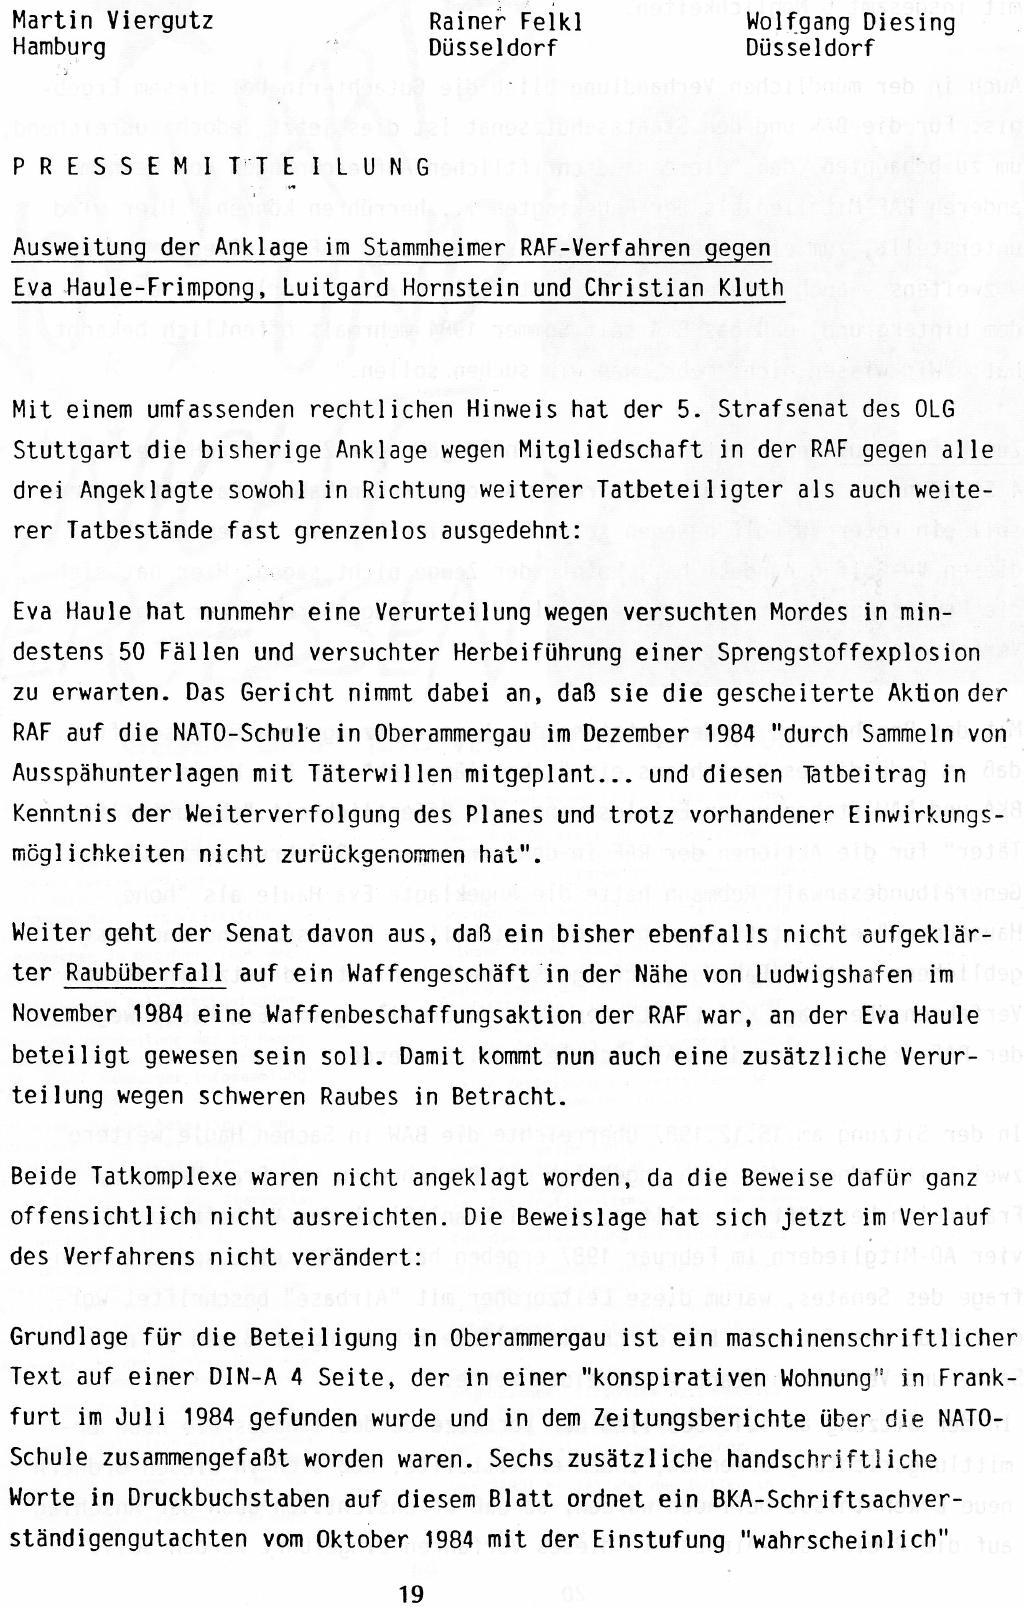 Duesseldorf_1989_Sechs_Politische_Gefangene_019